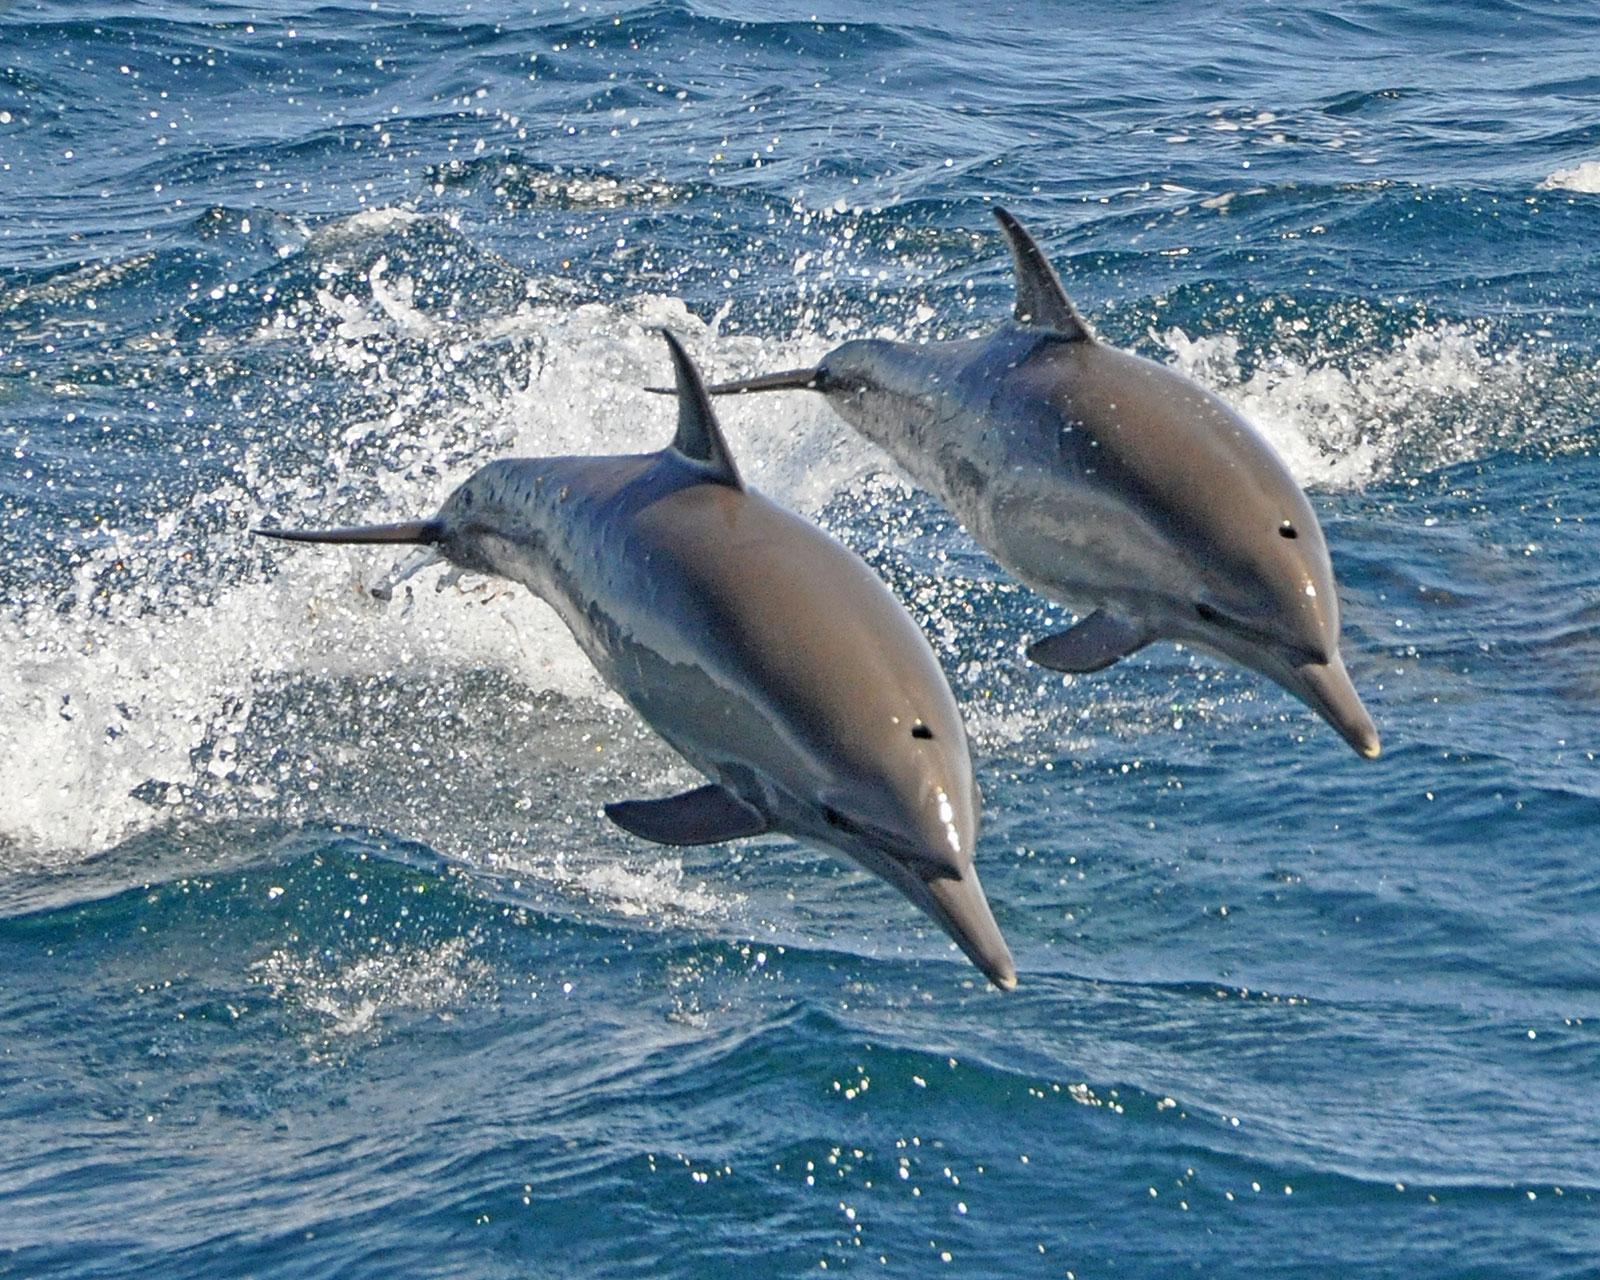 صور دولفين خلفيات دولفين dolphin 118